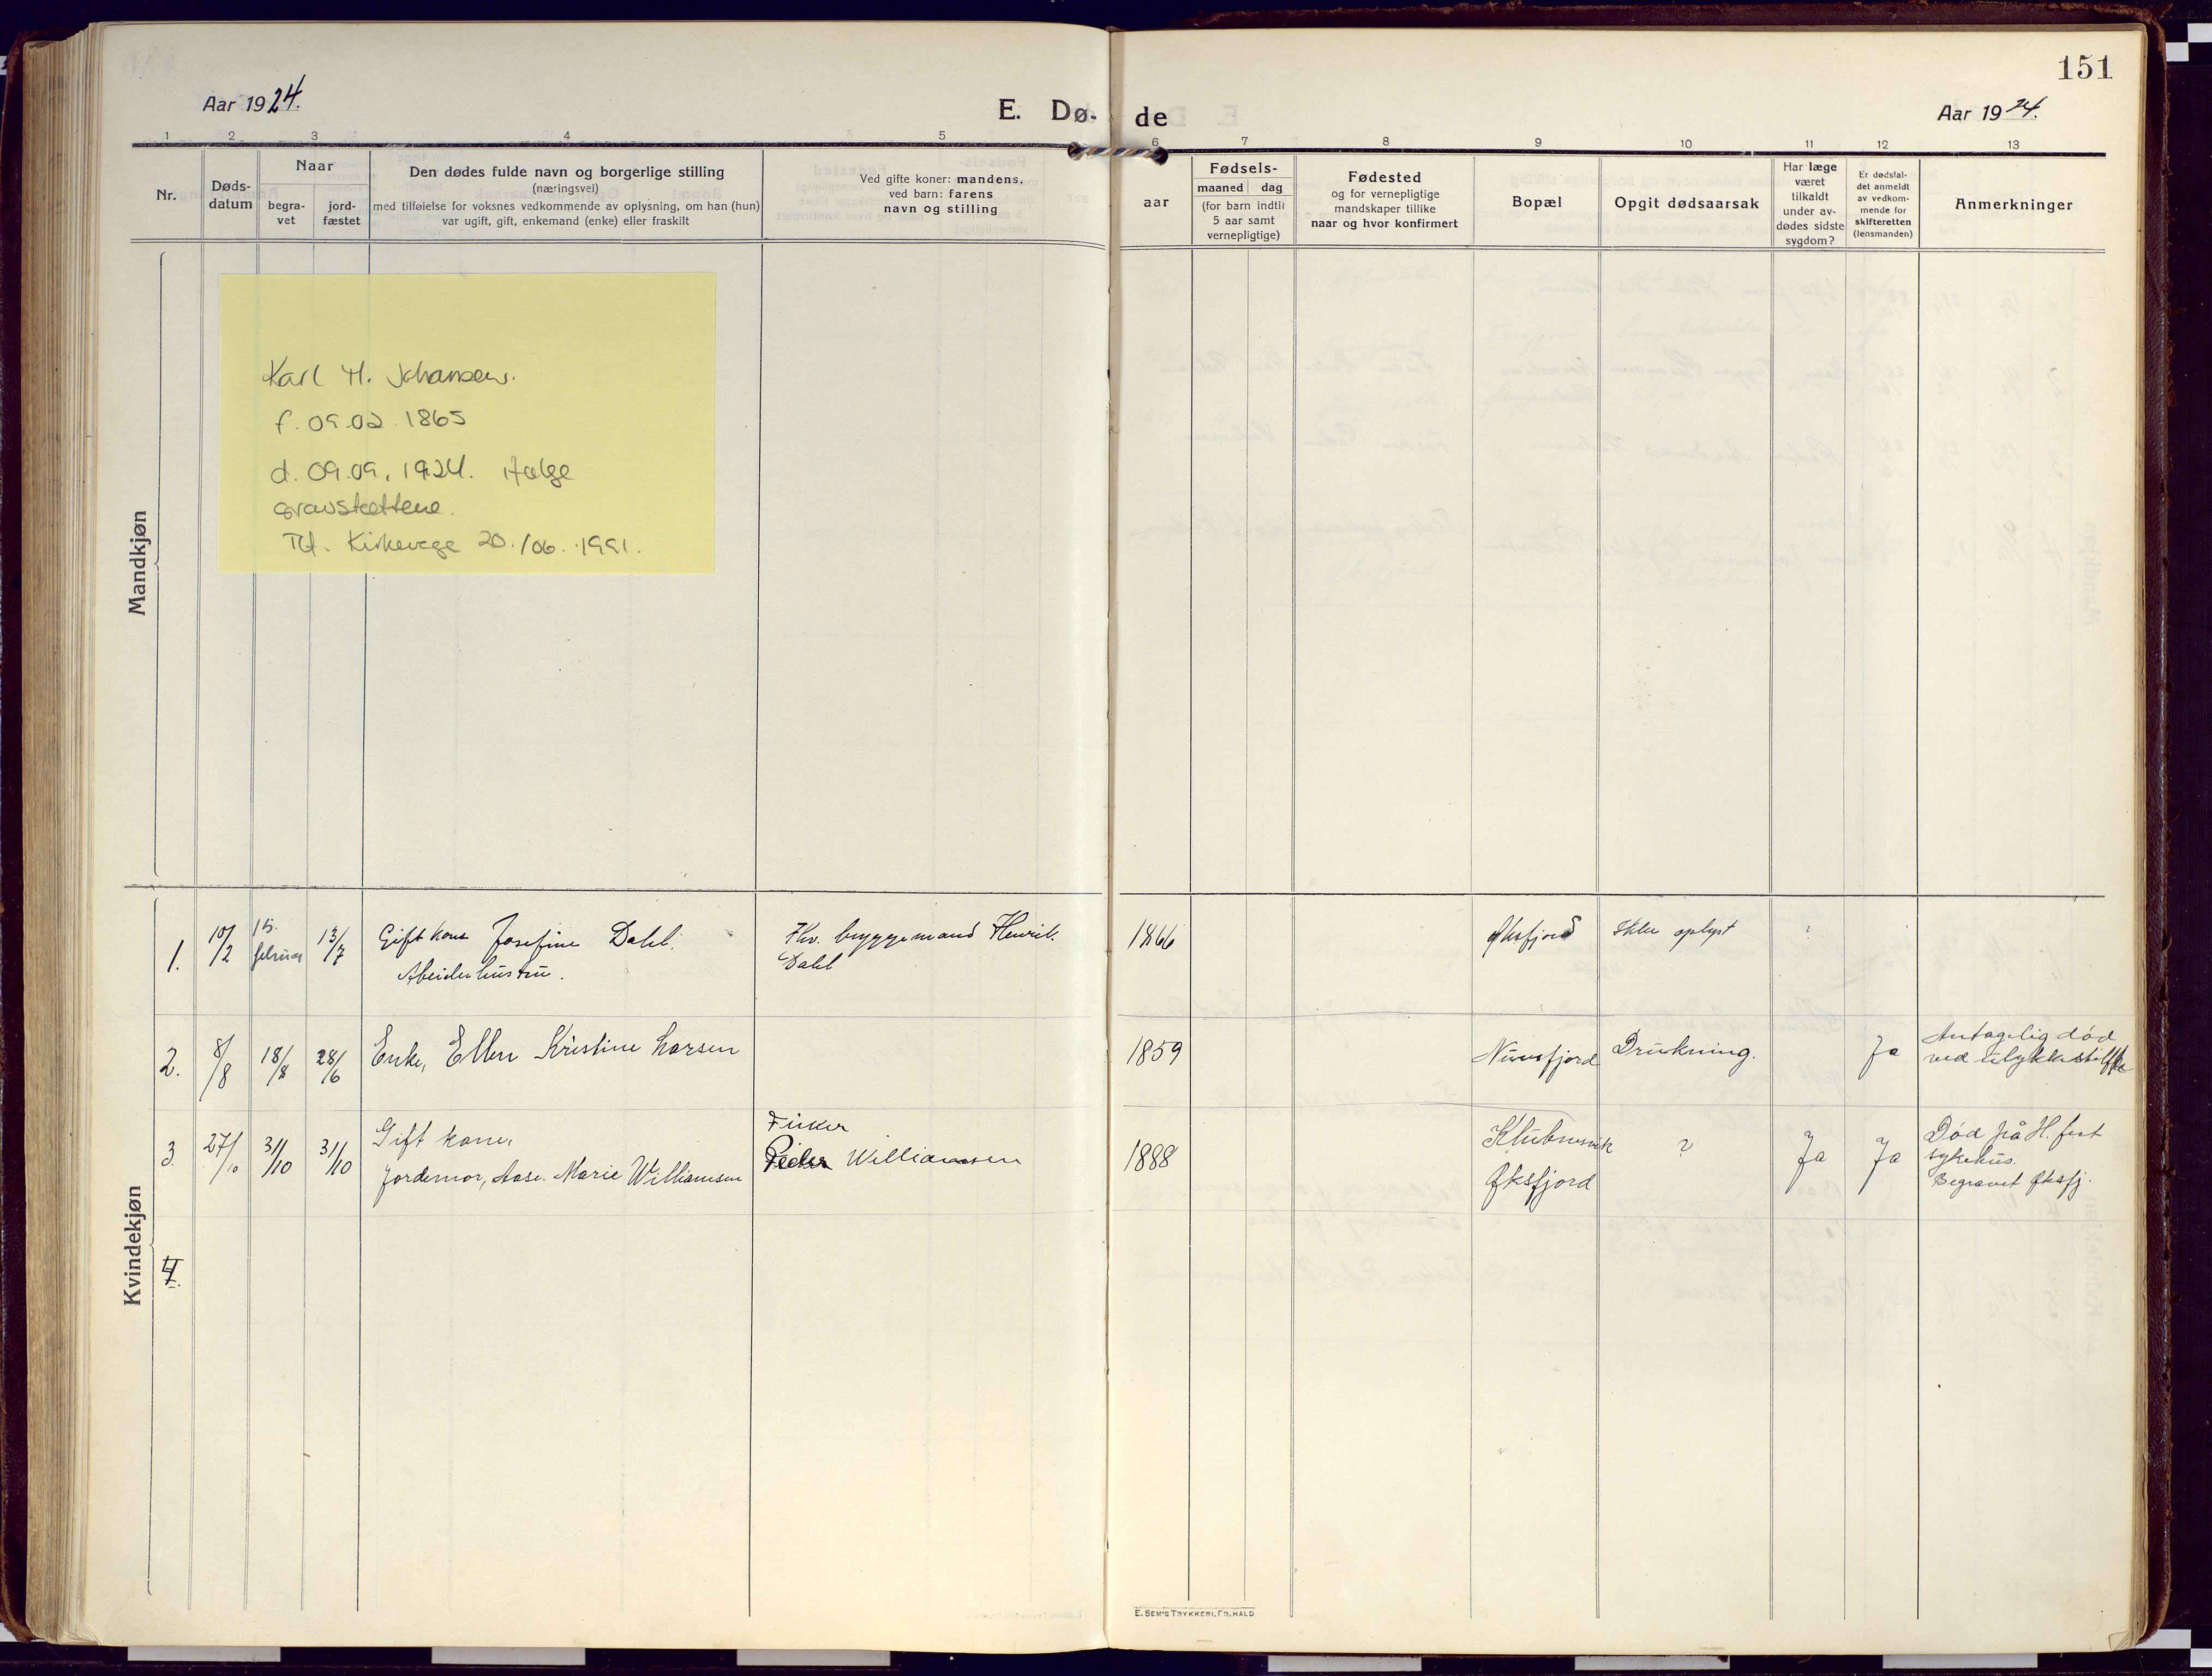 SATØ, Loppa sokneprestkontor, H/Ha/L0012kirke: Ministerialbok nr. 12, 1917-1932, s. 151